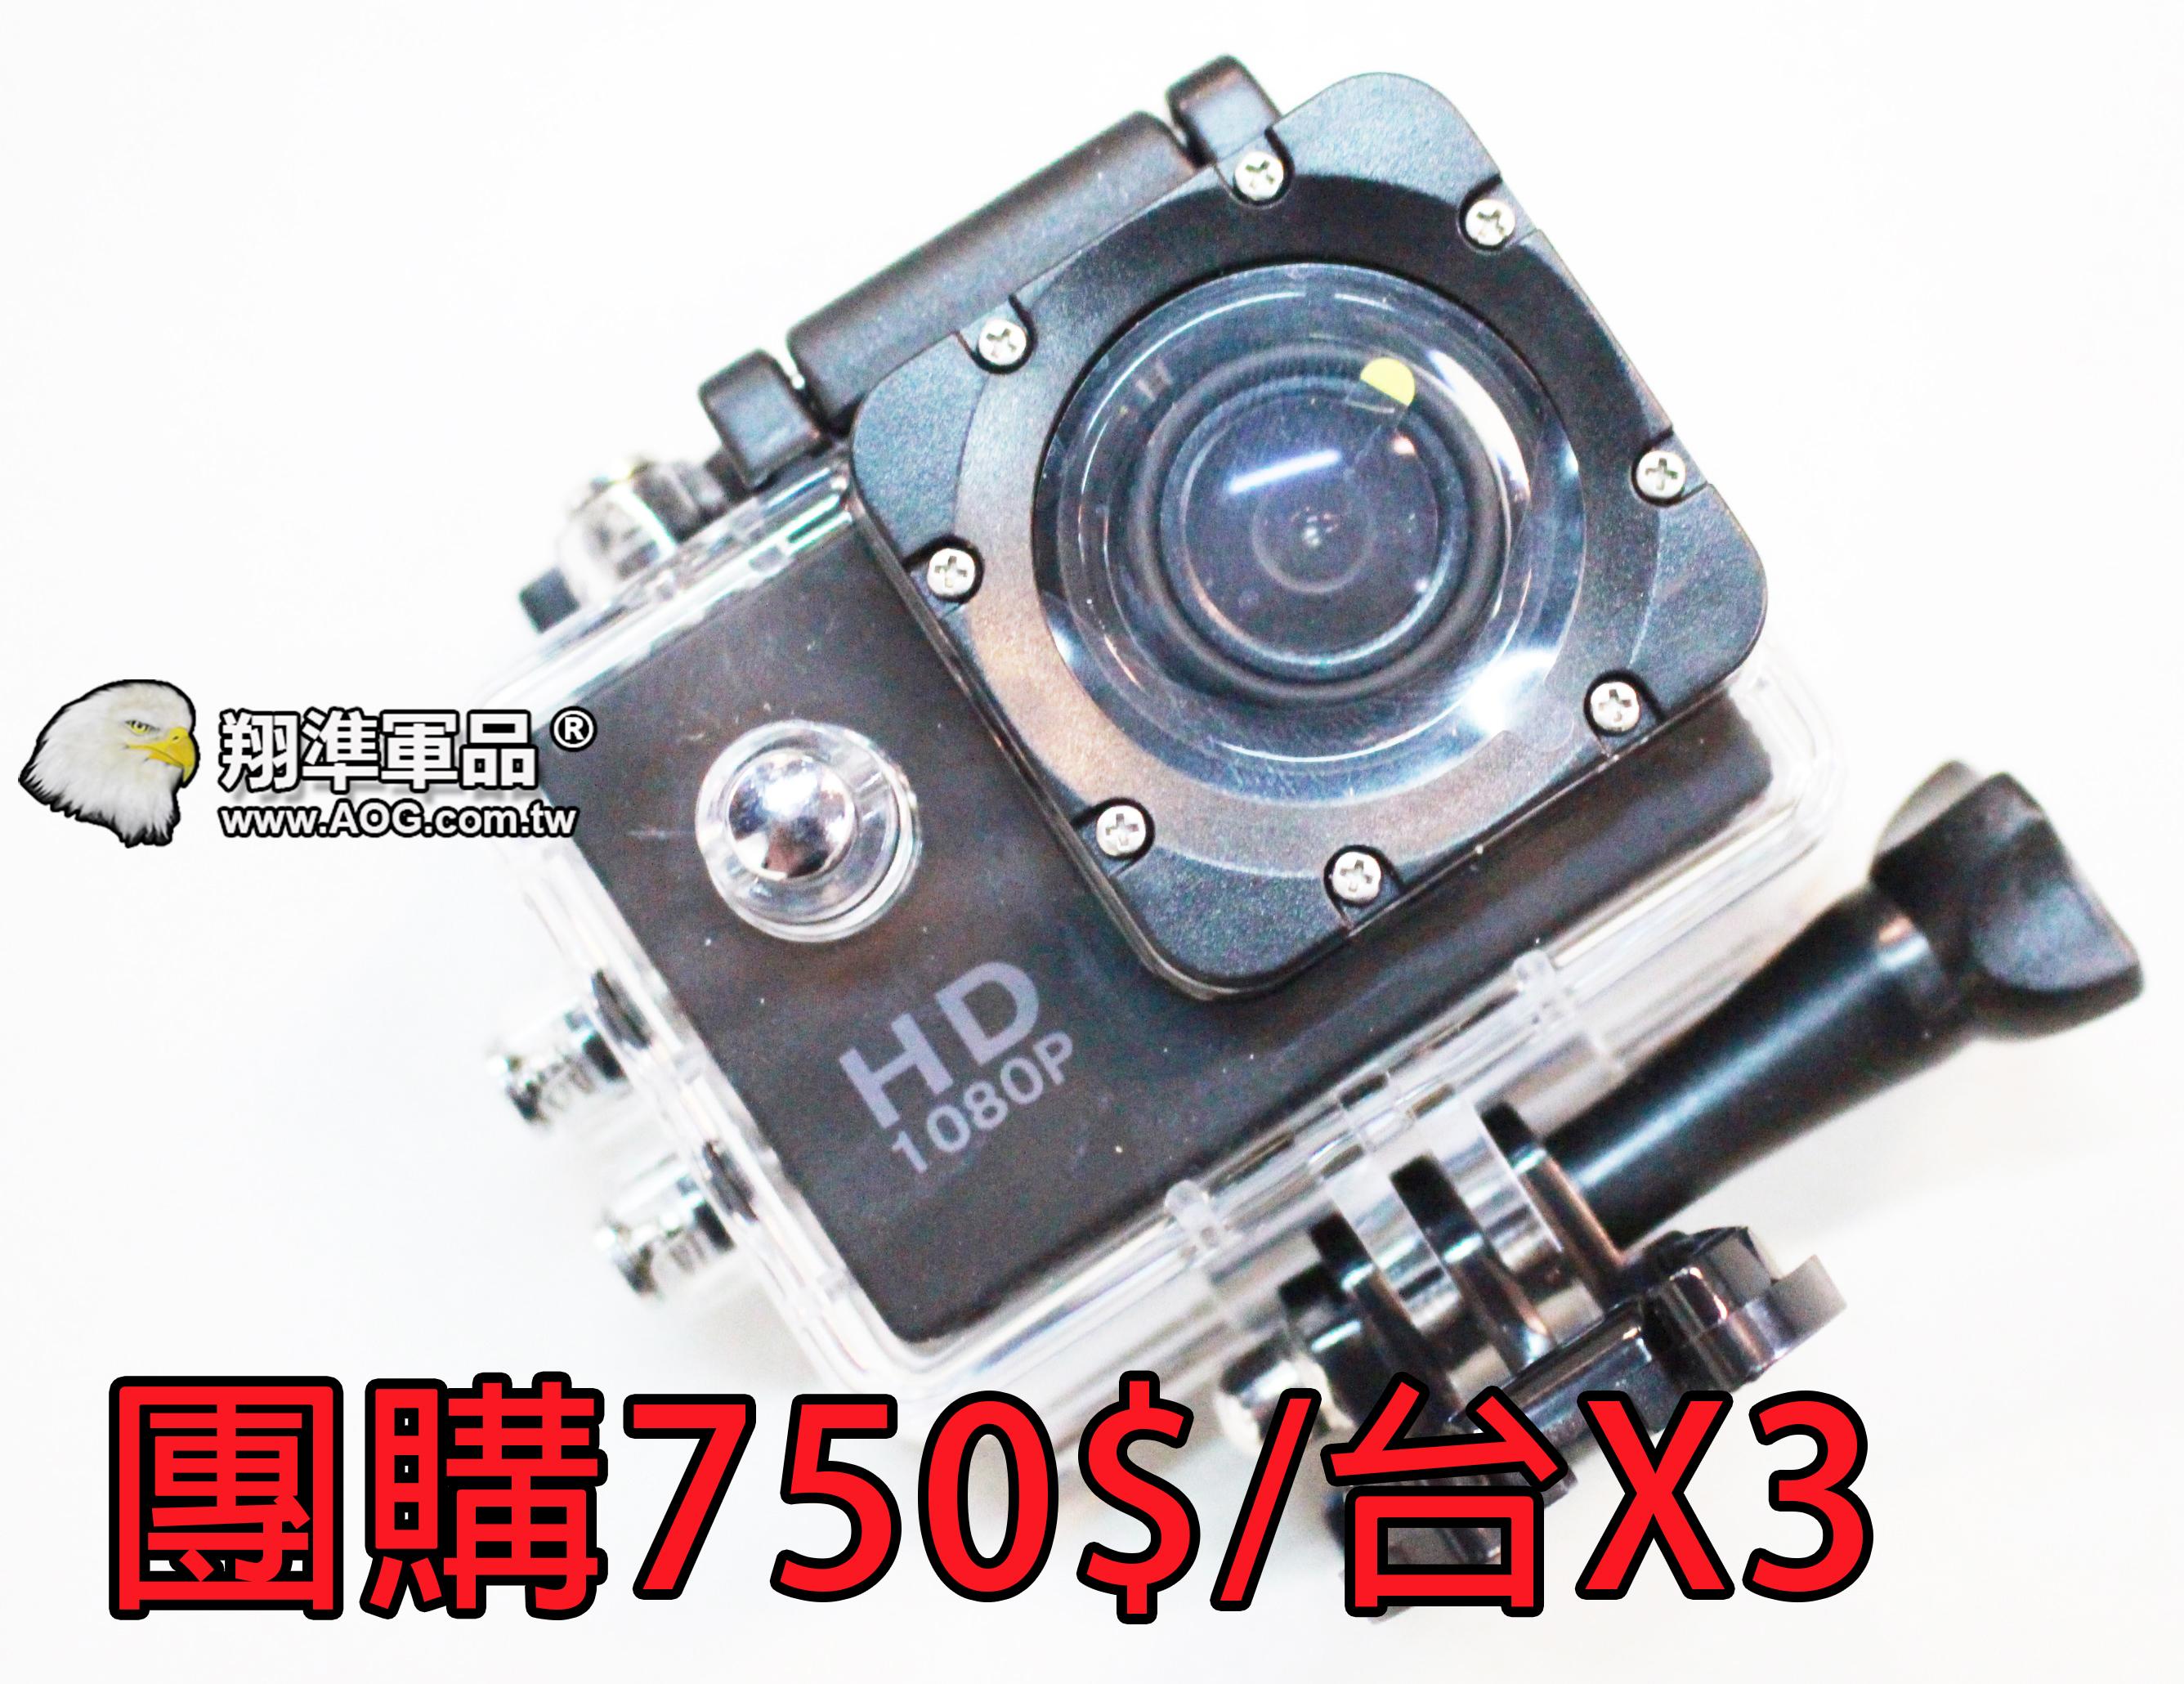 【團購三入裝】HD 廣角微型運動攝影機 攝像機 紀錄器 套裝整組  GMATE-HD1